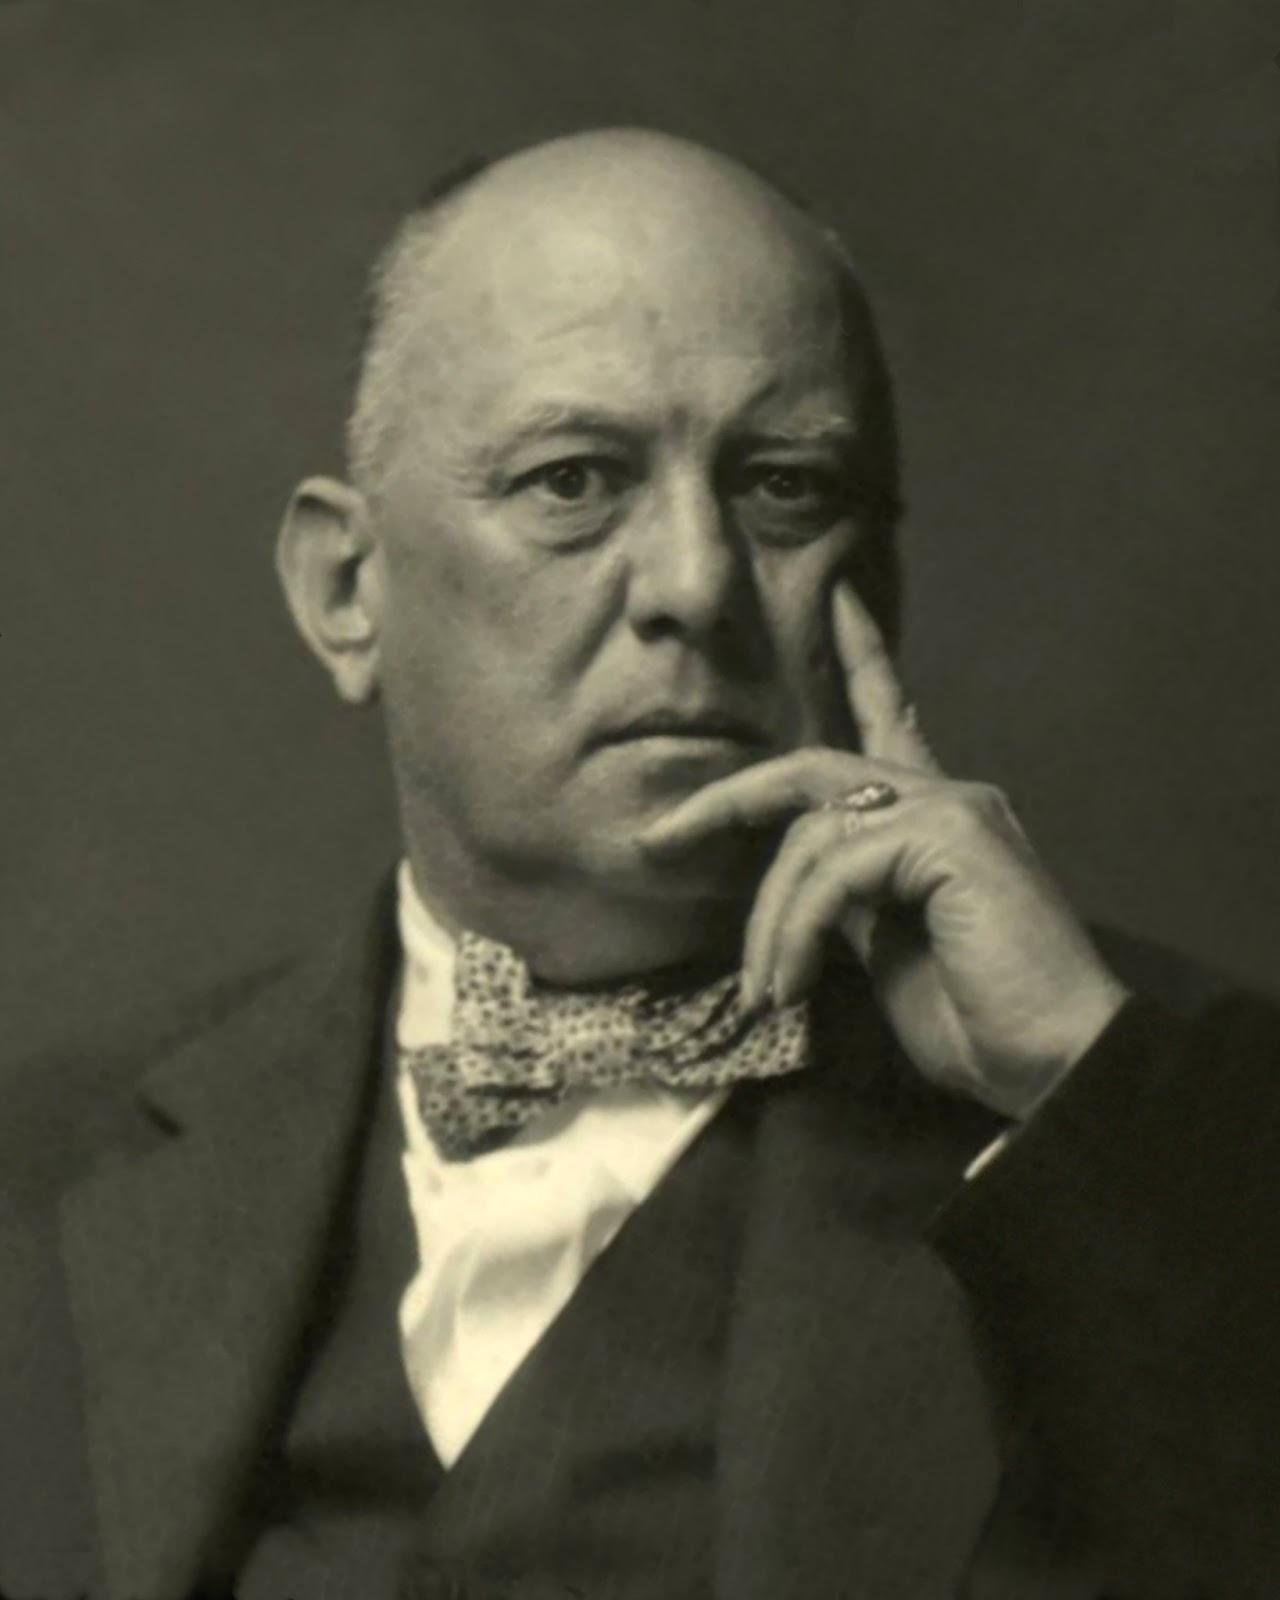 Retrato de Aleister Crowley